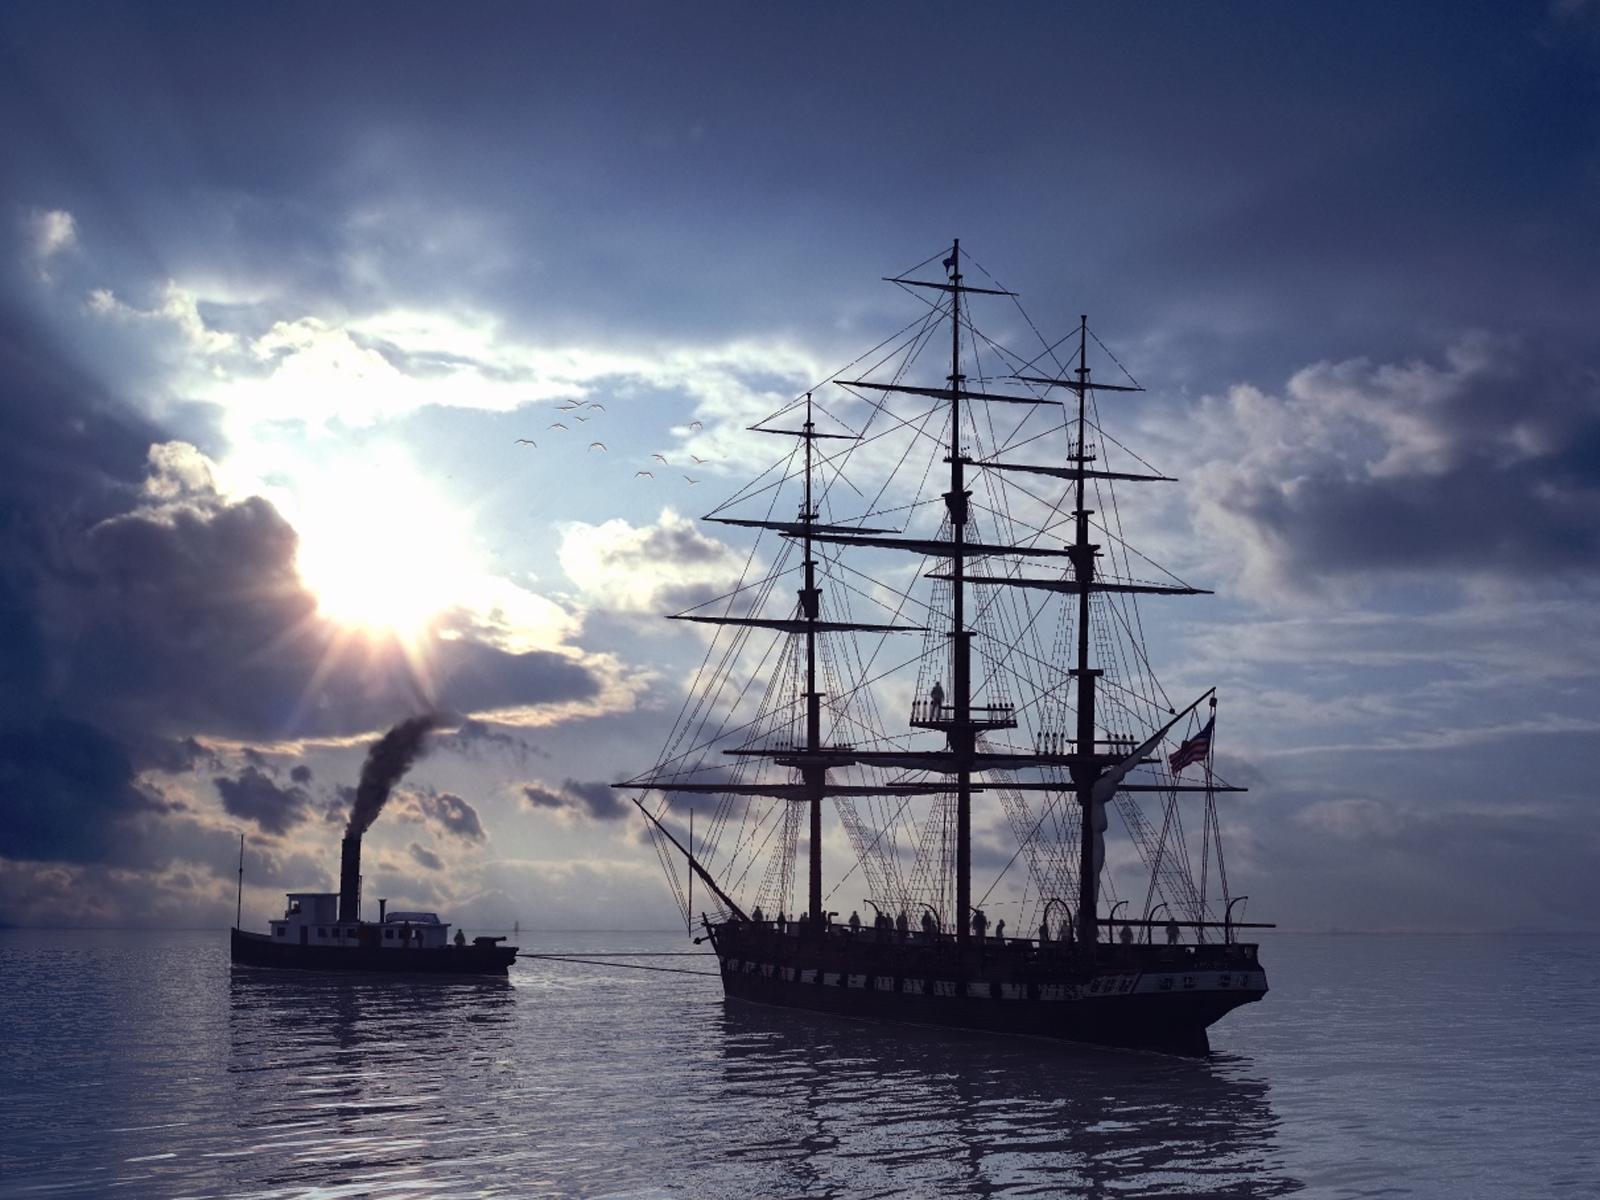 4463 скачать обои Транспорт, Вода, Небо, Корабли, Море, Солнце - заставки и картинки бесплатно